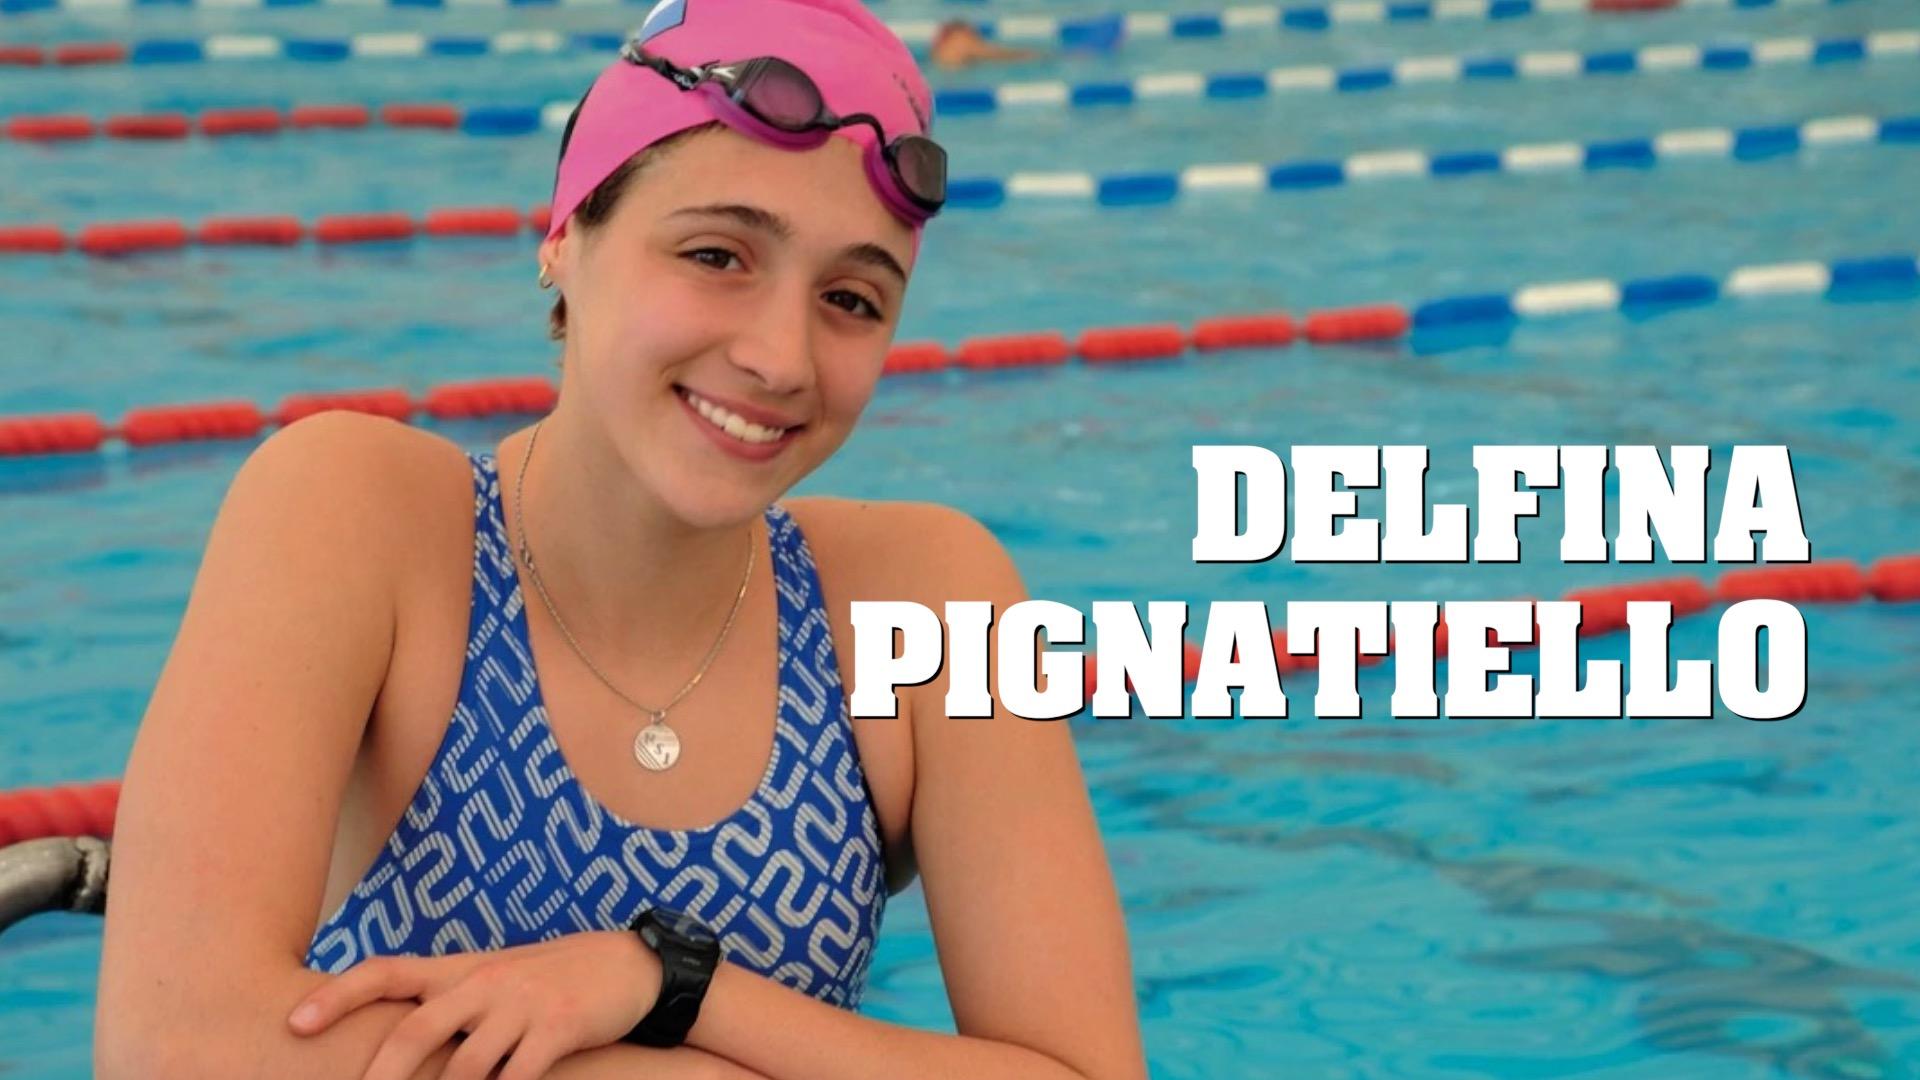 El año de Delfina Pignatiello